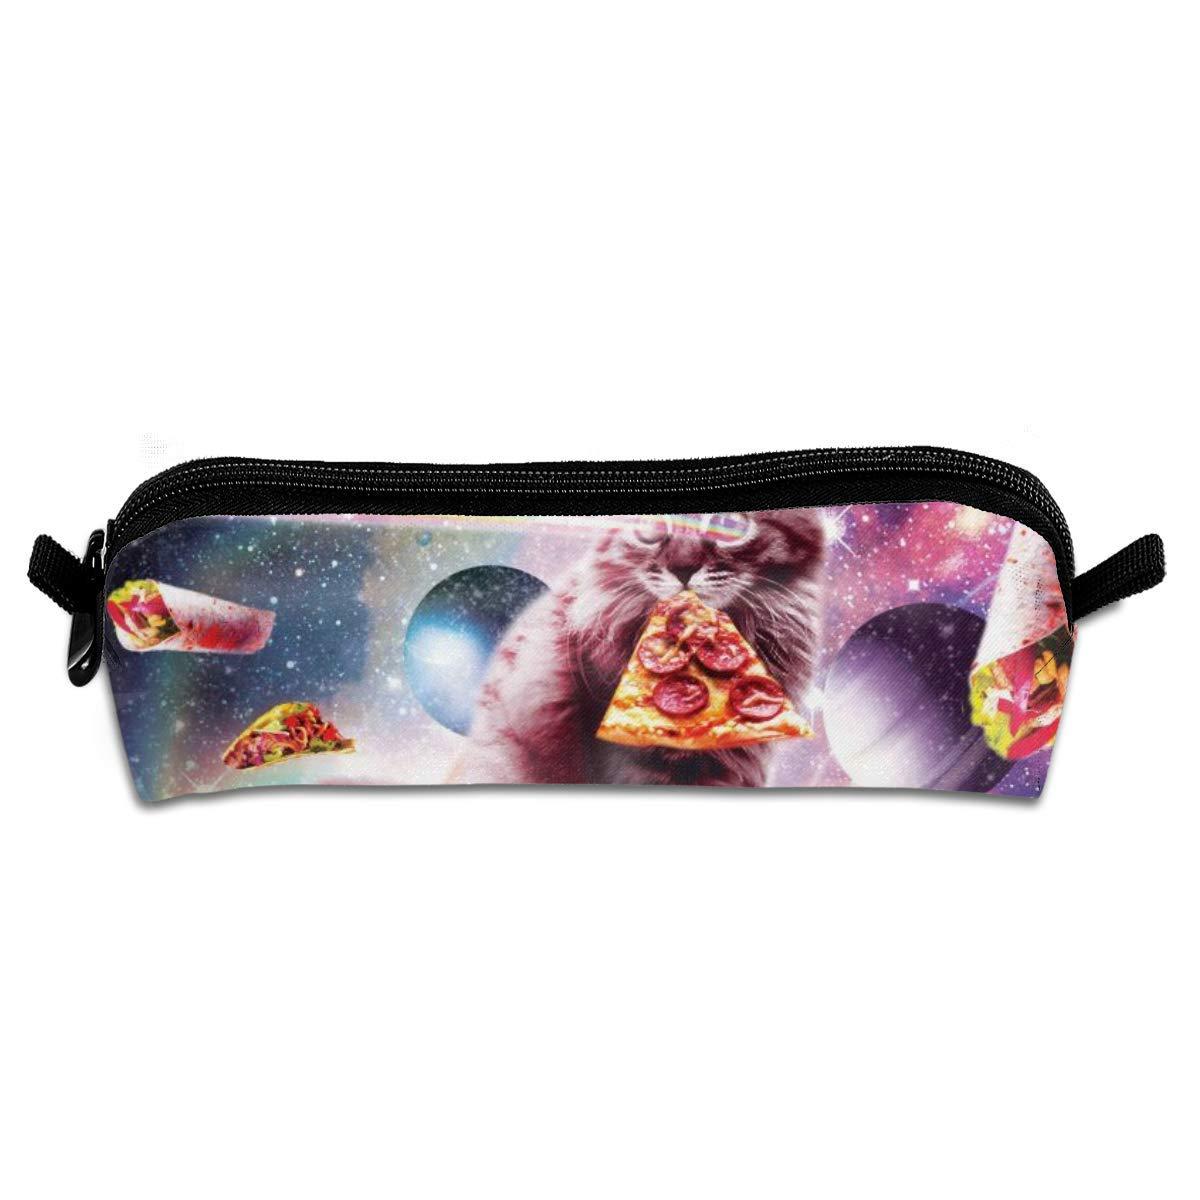 Pizza de gato espacial Estuche para estudiantes Estuche para lápices Estuche con cremallera Bolsa de papelería Bolsa pequeña de maquillaje cosmético: Amazon.es: Oficina y papelería